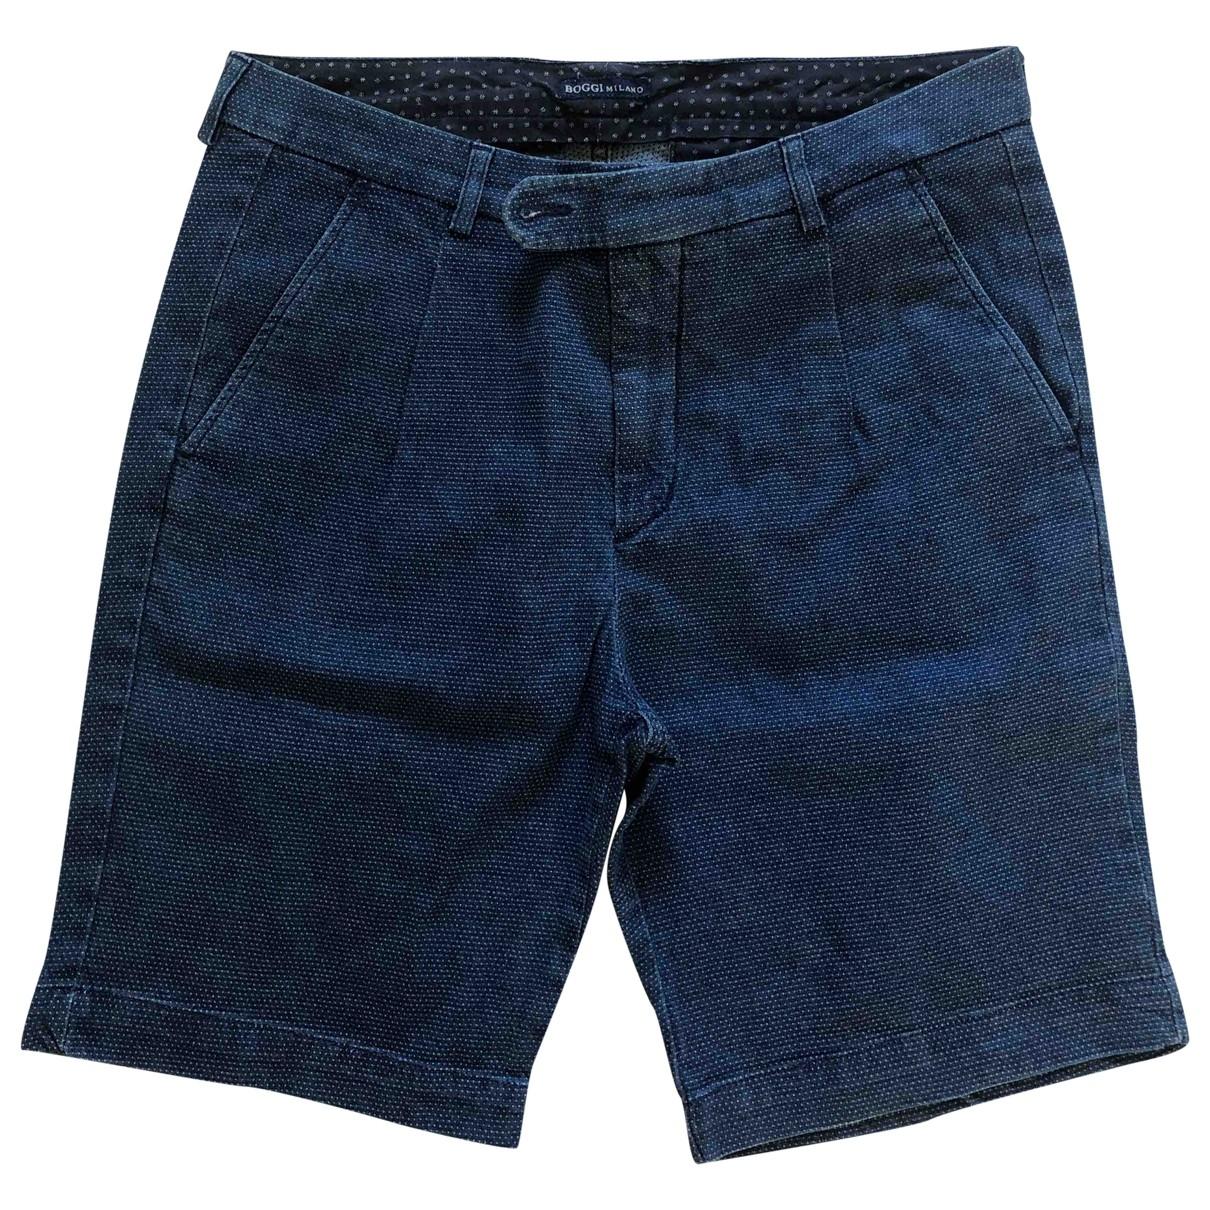 Boggi \N Shorts in  Blau Baumwolle